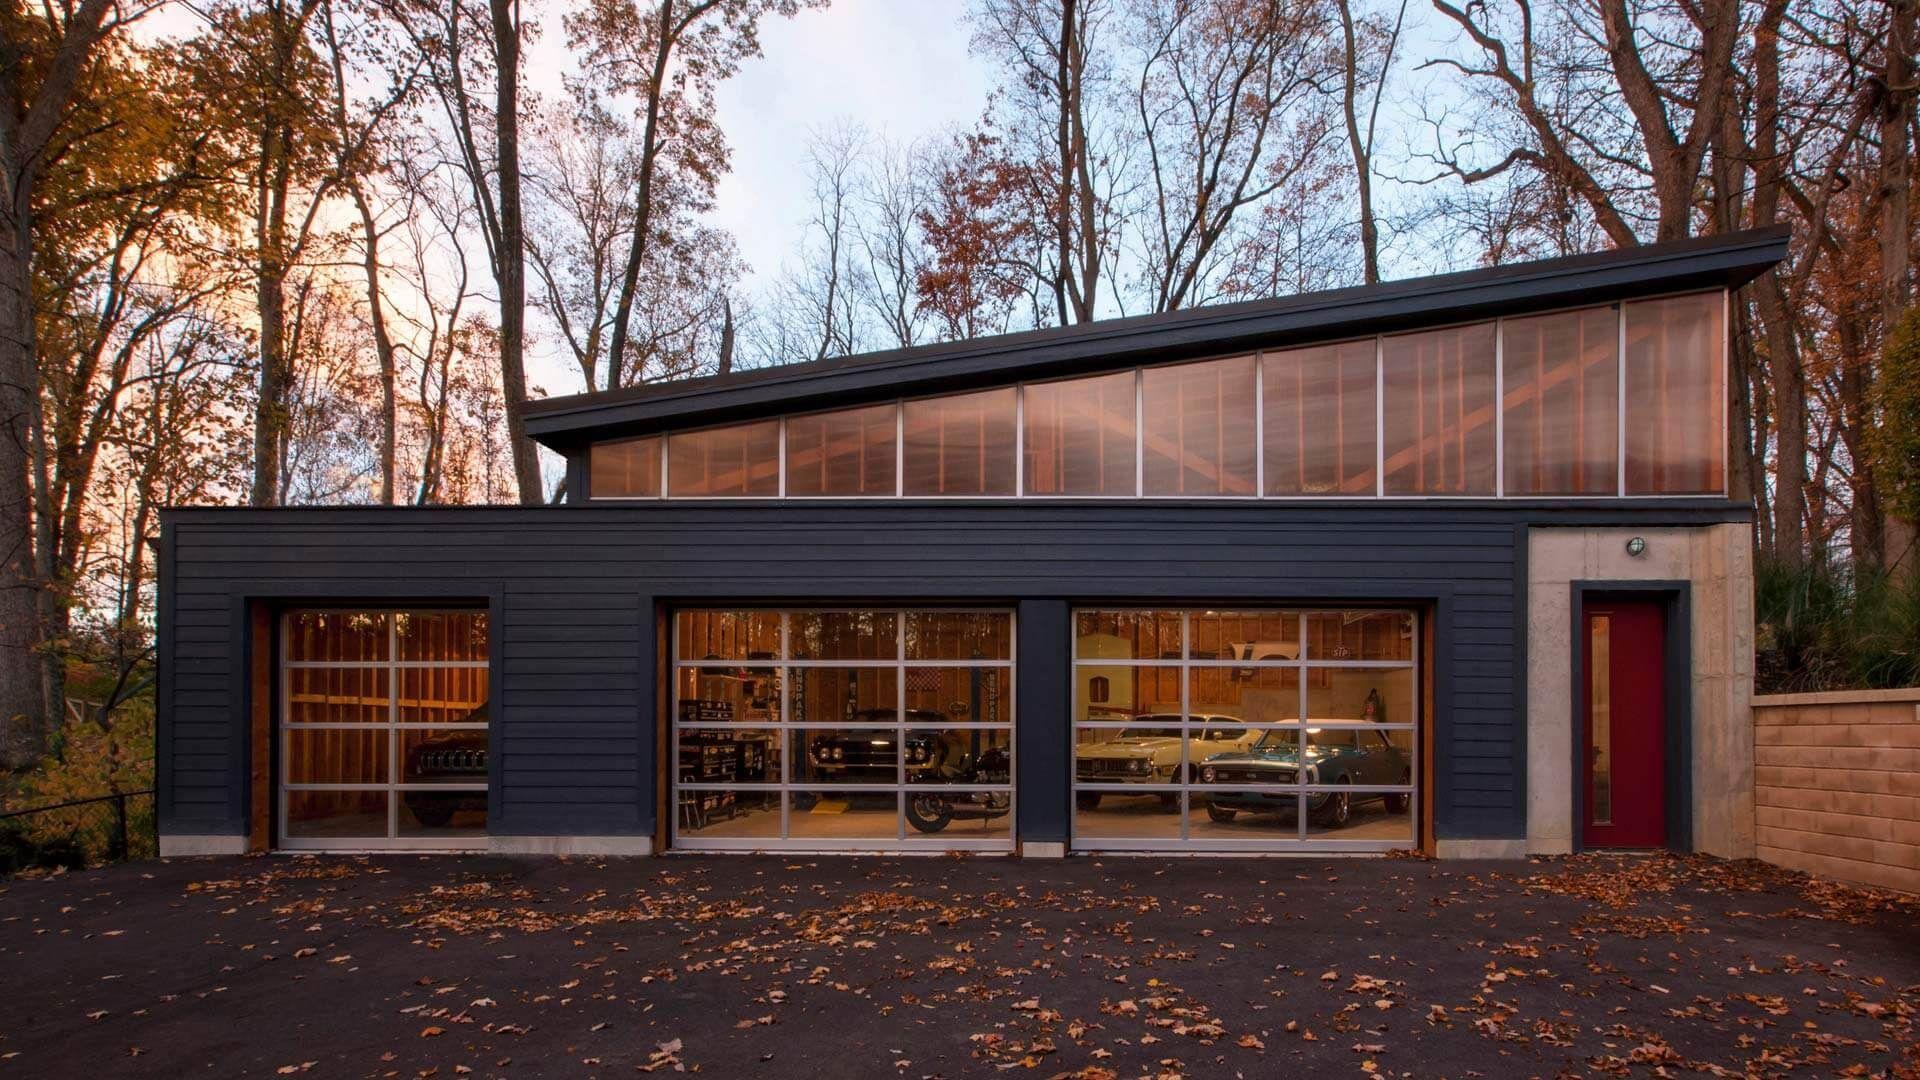 100 Dollar Store Diy Home Decor Ideas In 2020 Modern Garage Garage Design Architecture